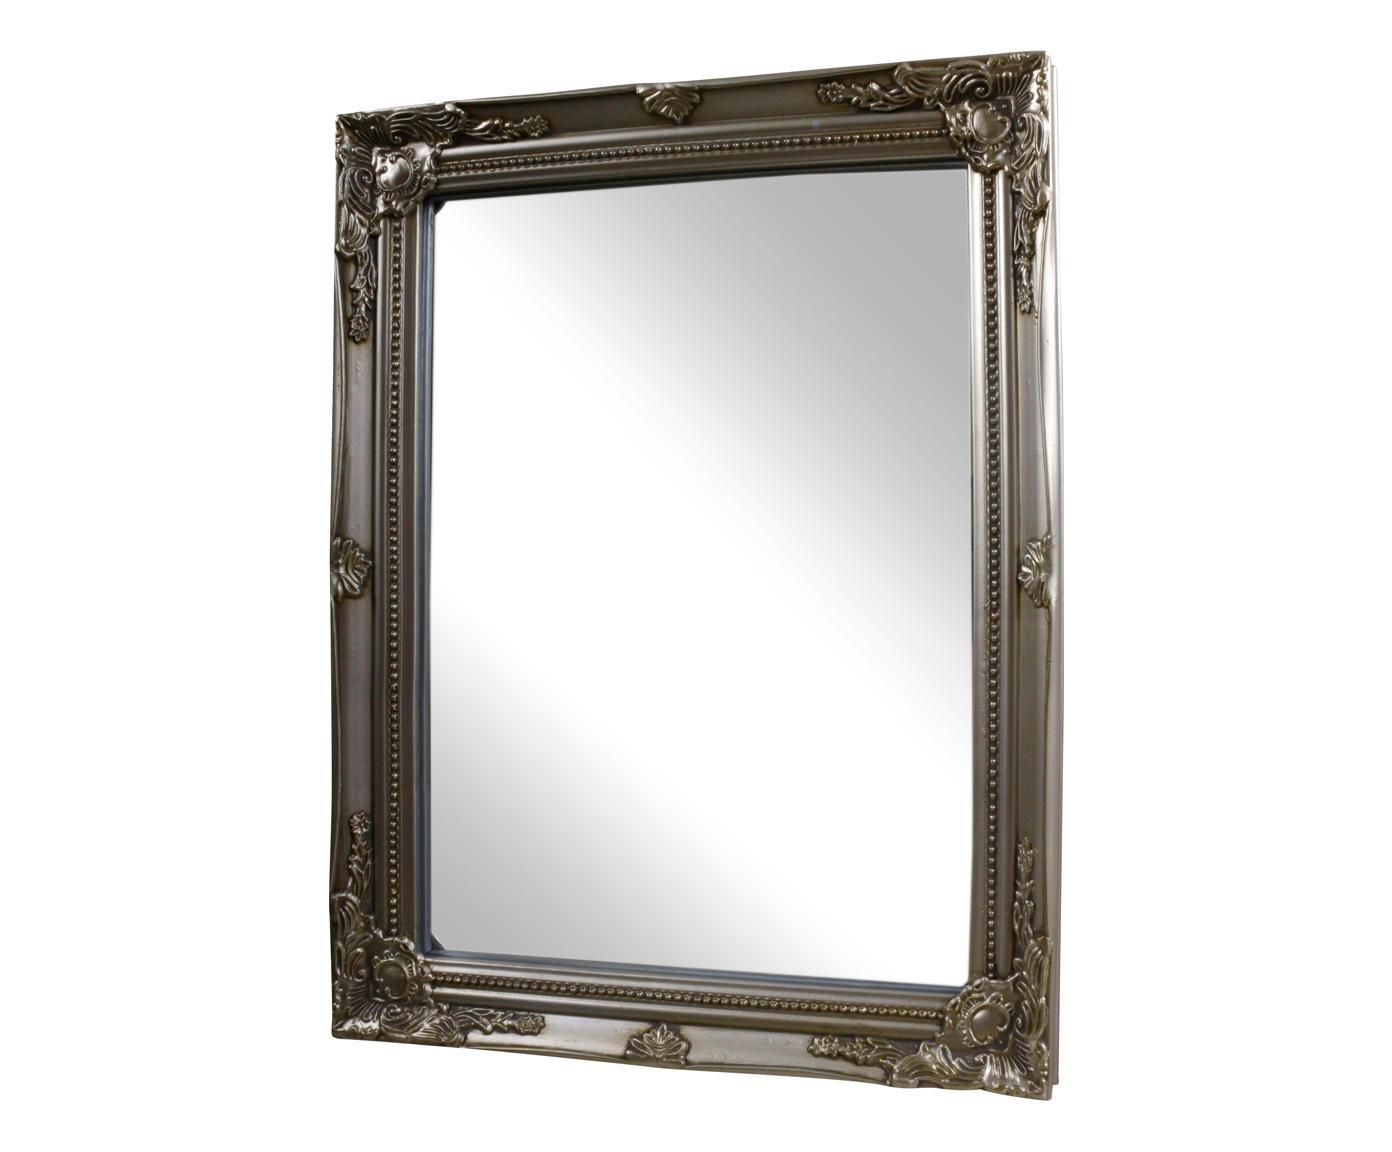 Barock steigb gel iberische steigb gel akademische steigb for Specchio da parete argento